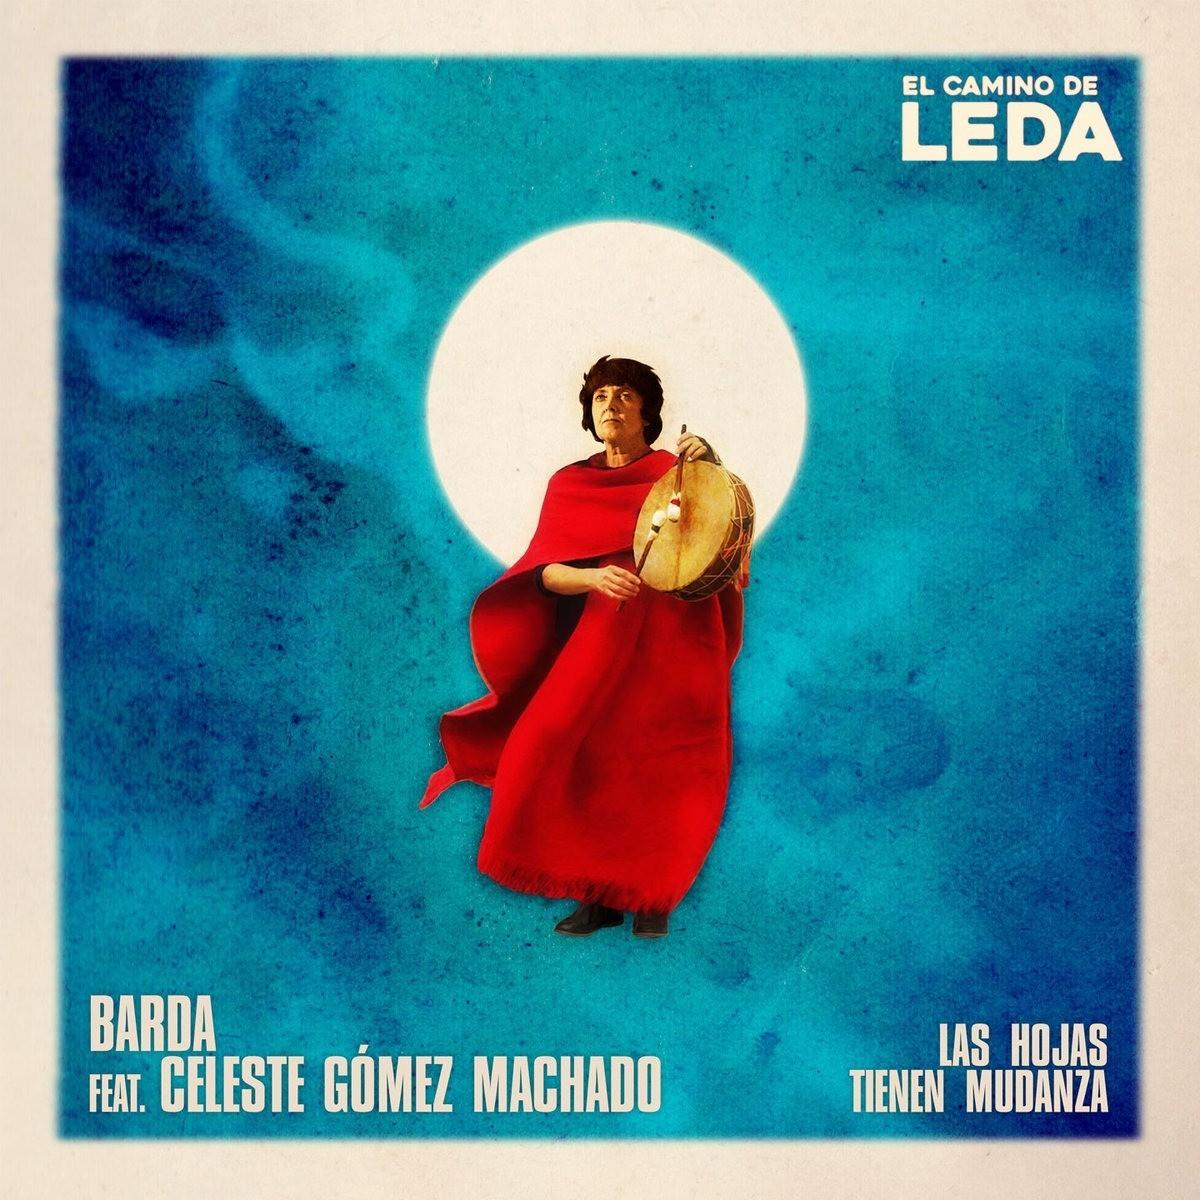 El Camino de Leda - Barda y Celeste Gómez Machado